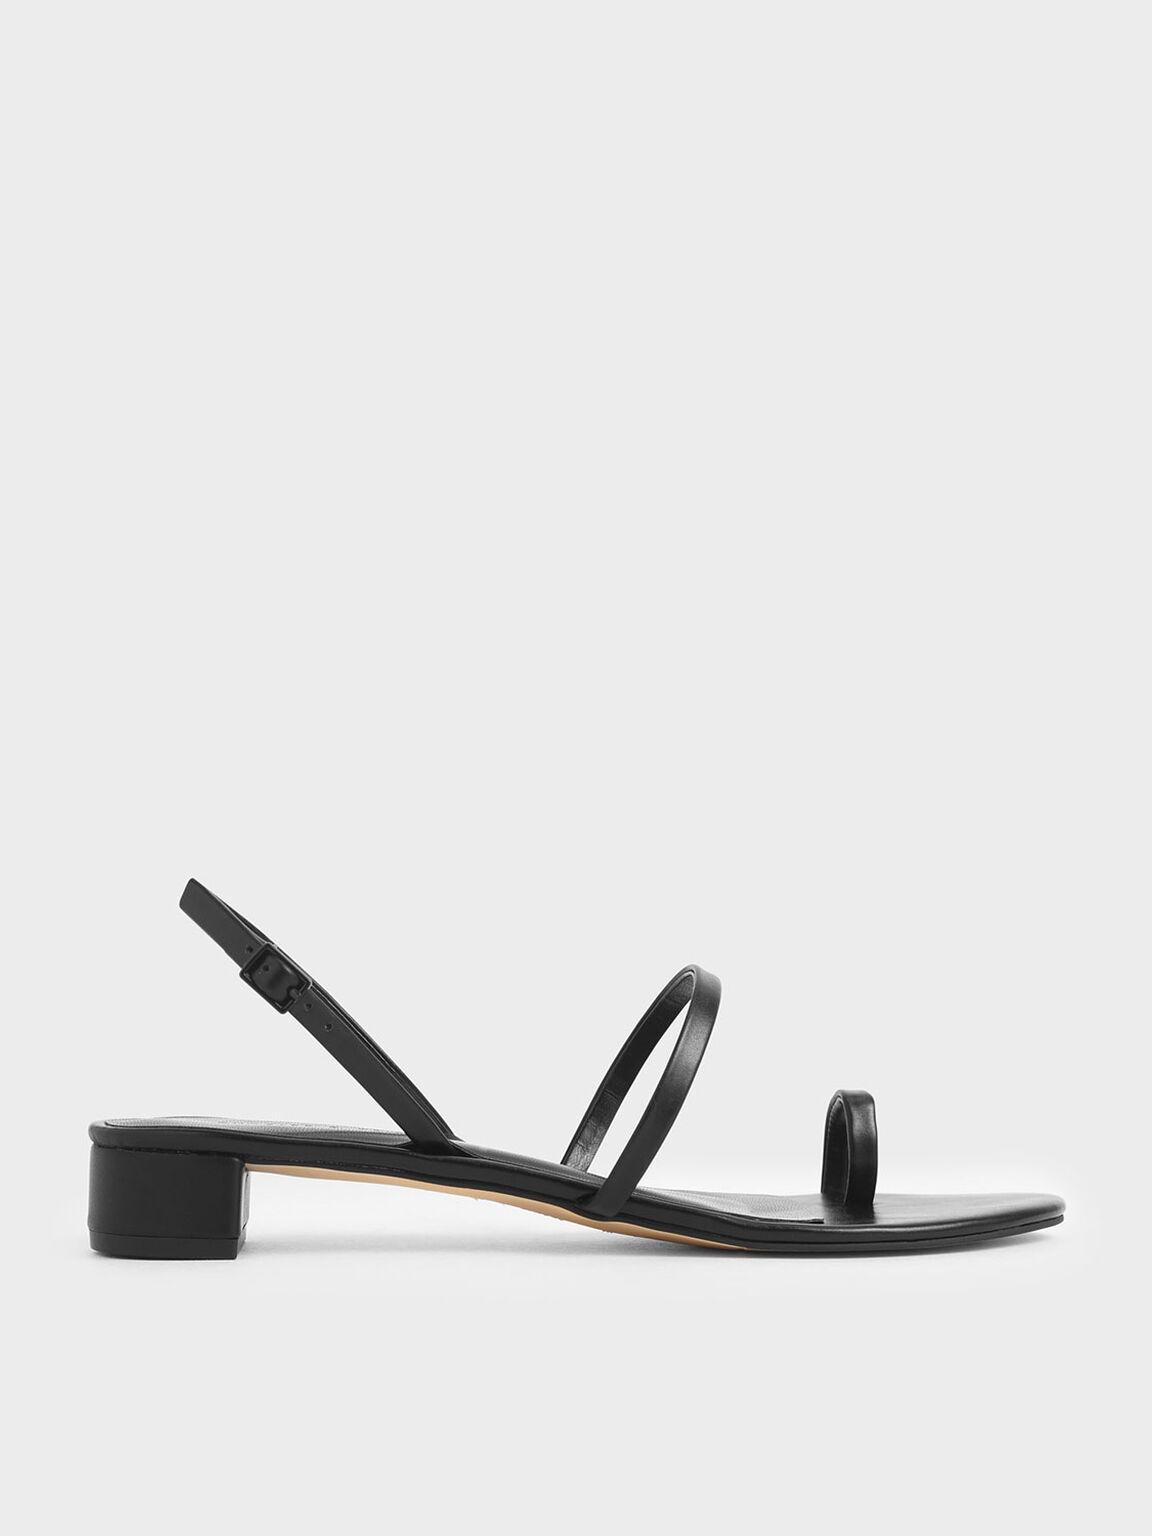 Toe Loop Sandals, Black, hi-res